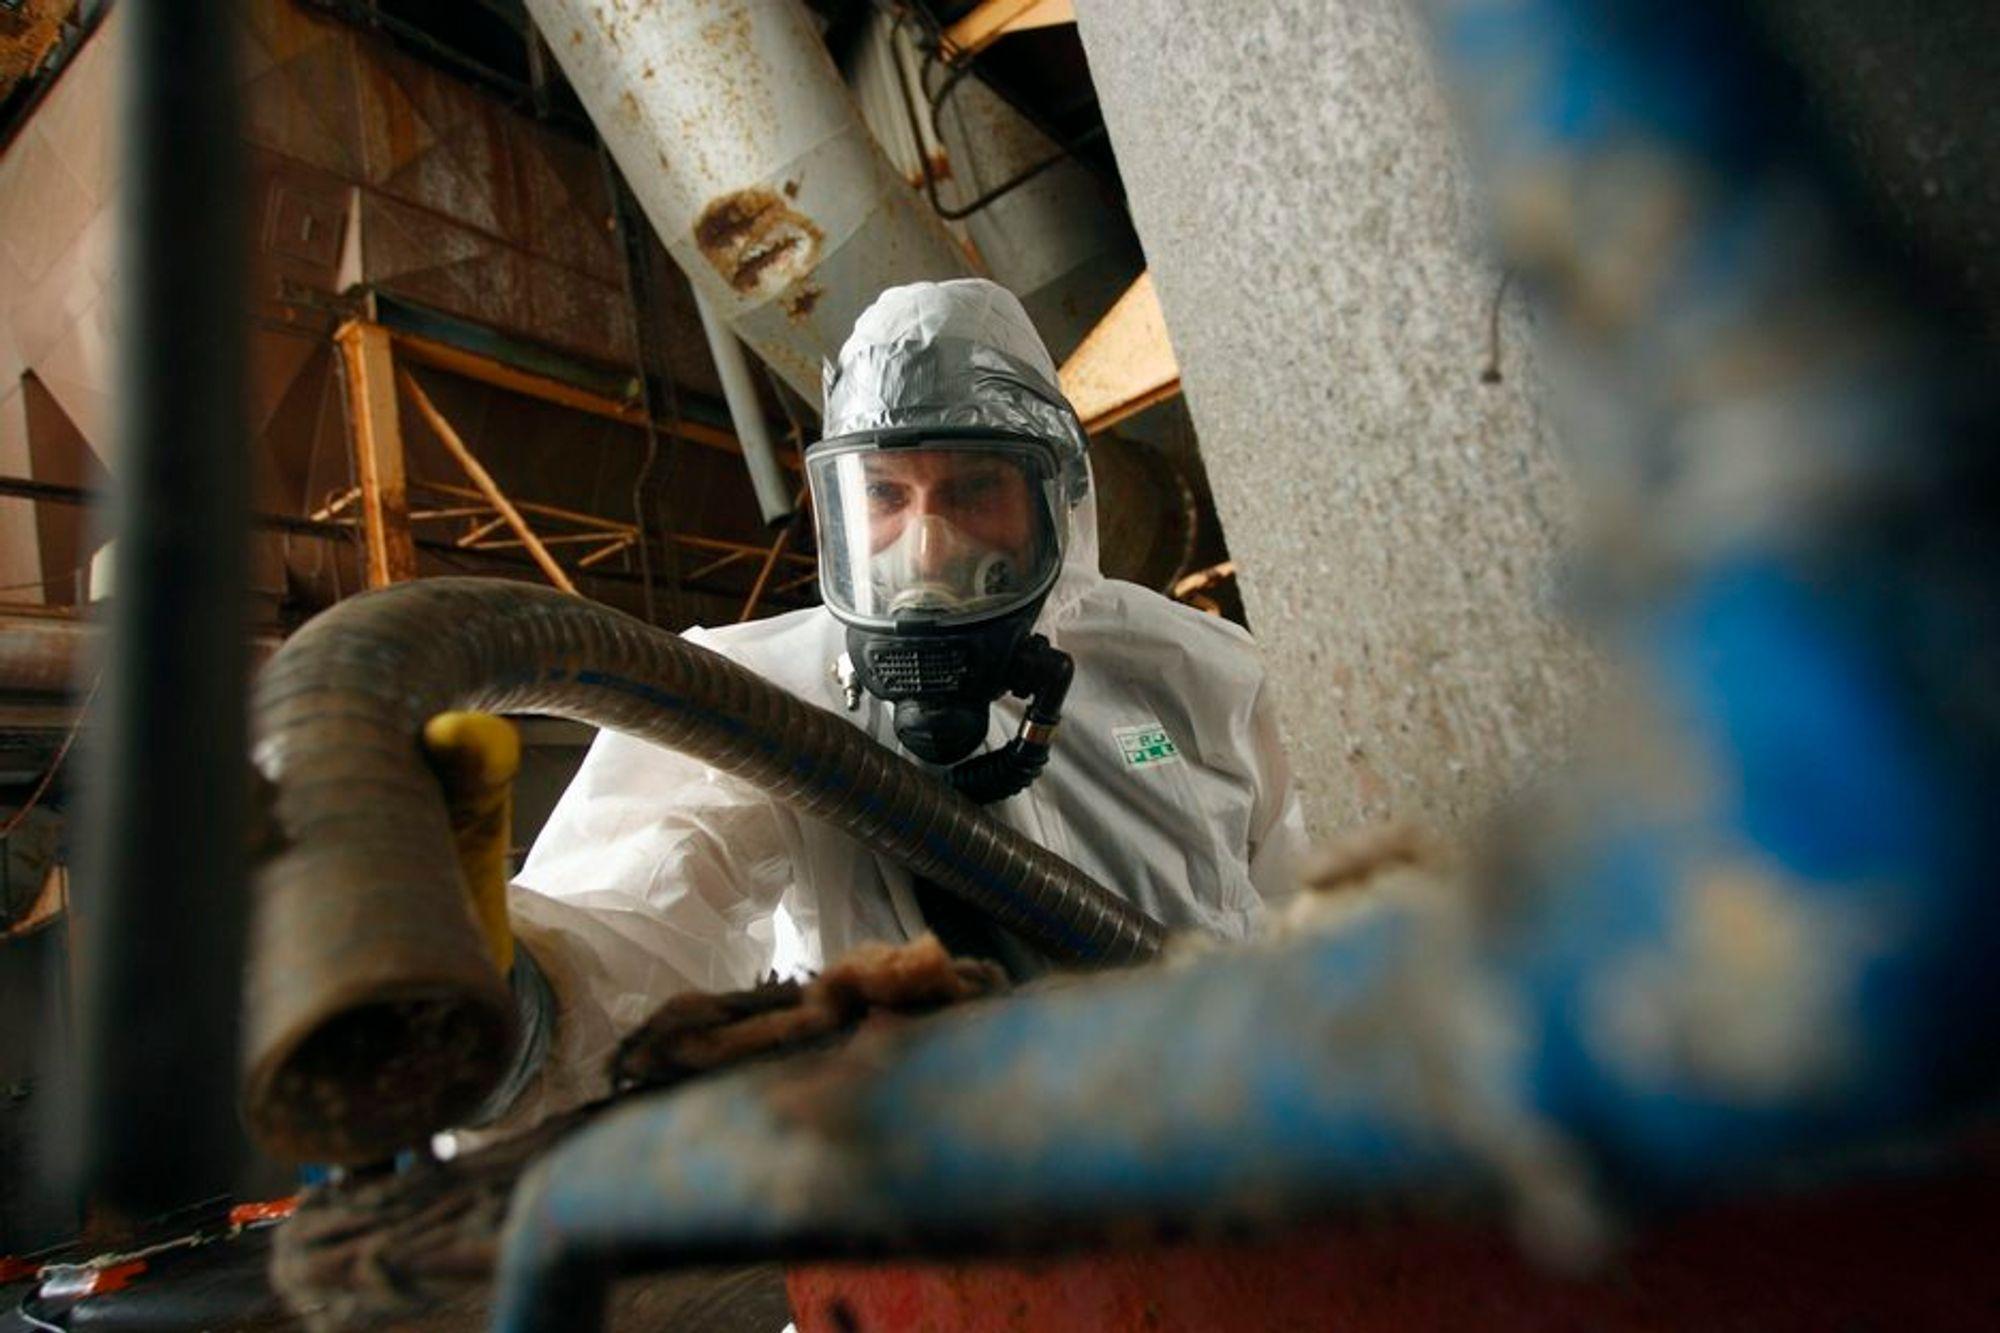 FARLIG: Eksponering for asbest mangedobler faren for lungekreft. Nå skal Arbeidstilsynet kontrollerer virksomheter som jobber med materialet.